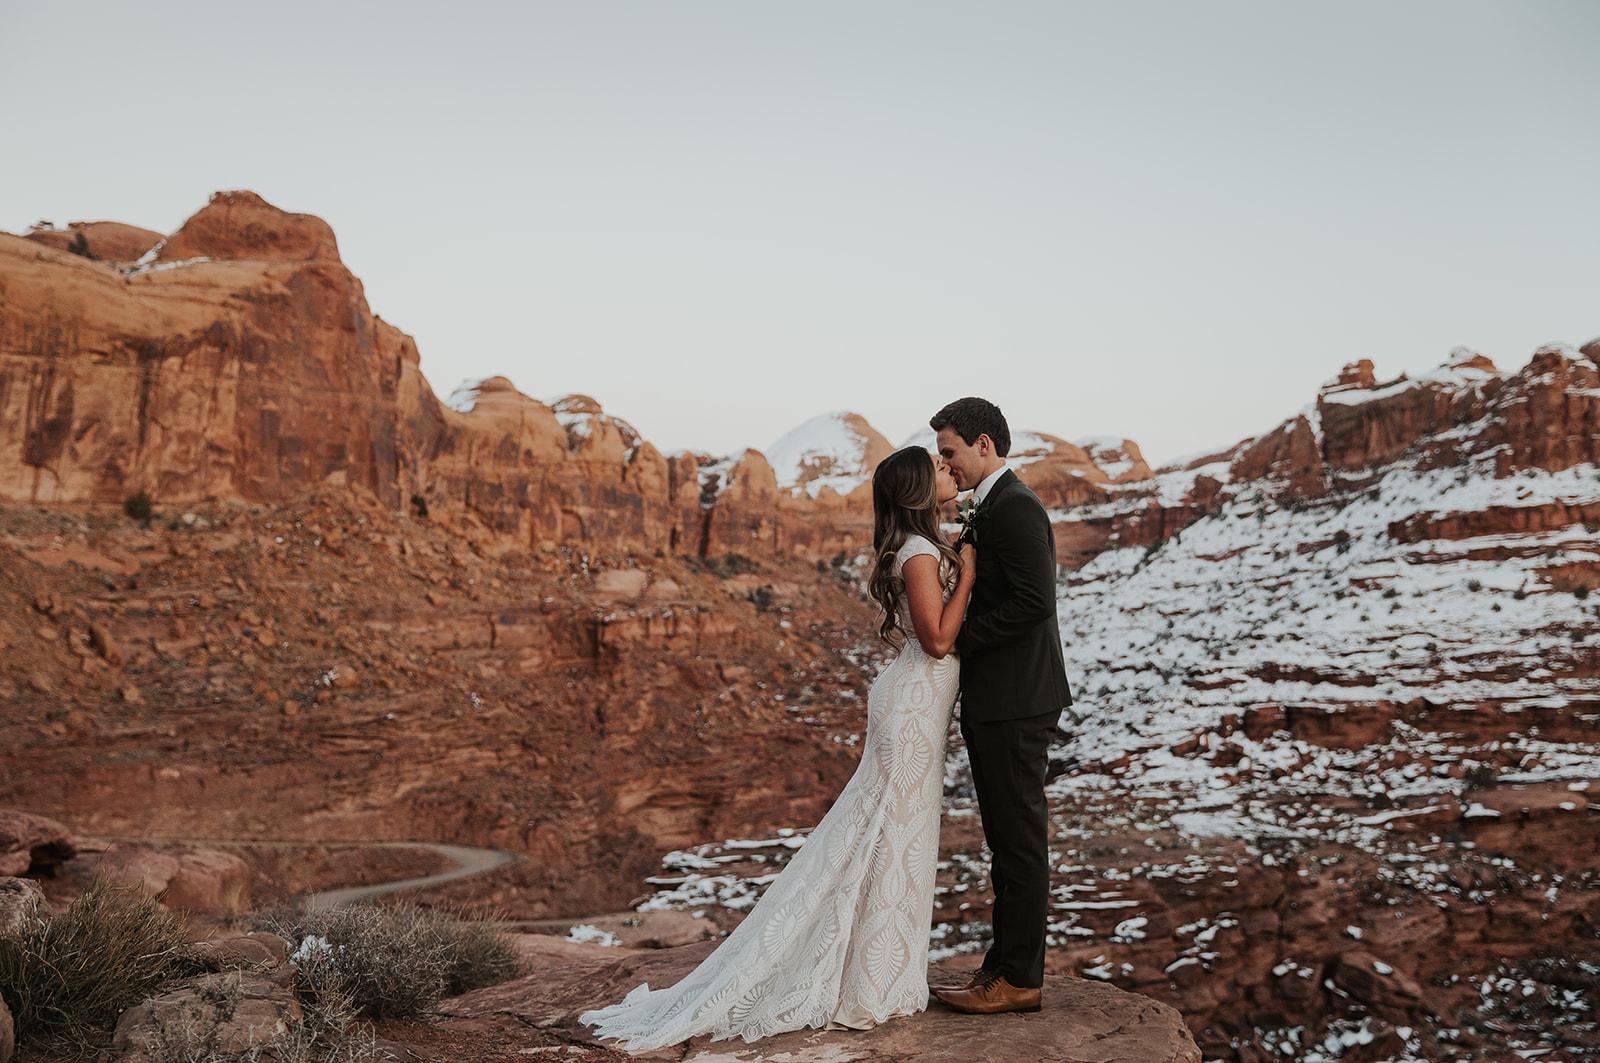 jamie+weston bridals-262.jpg